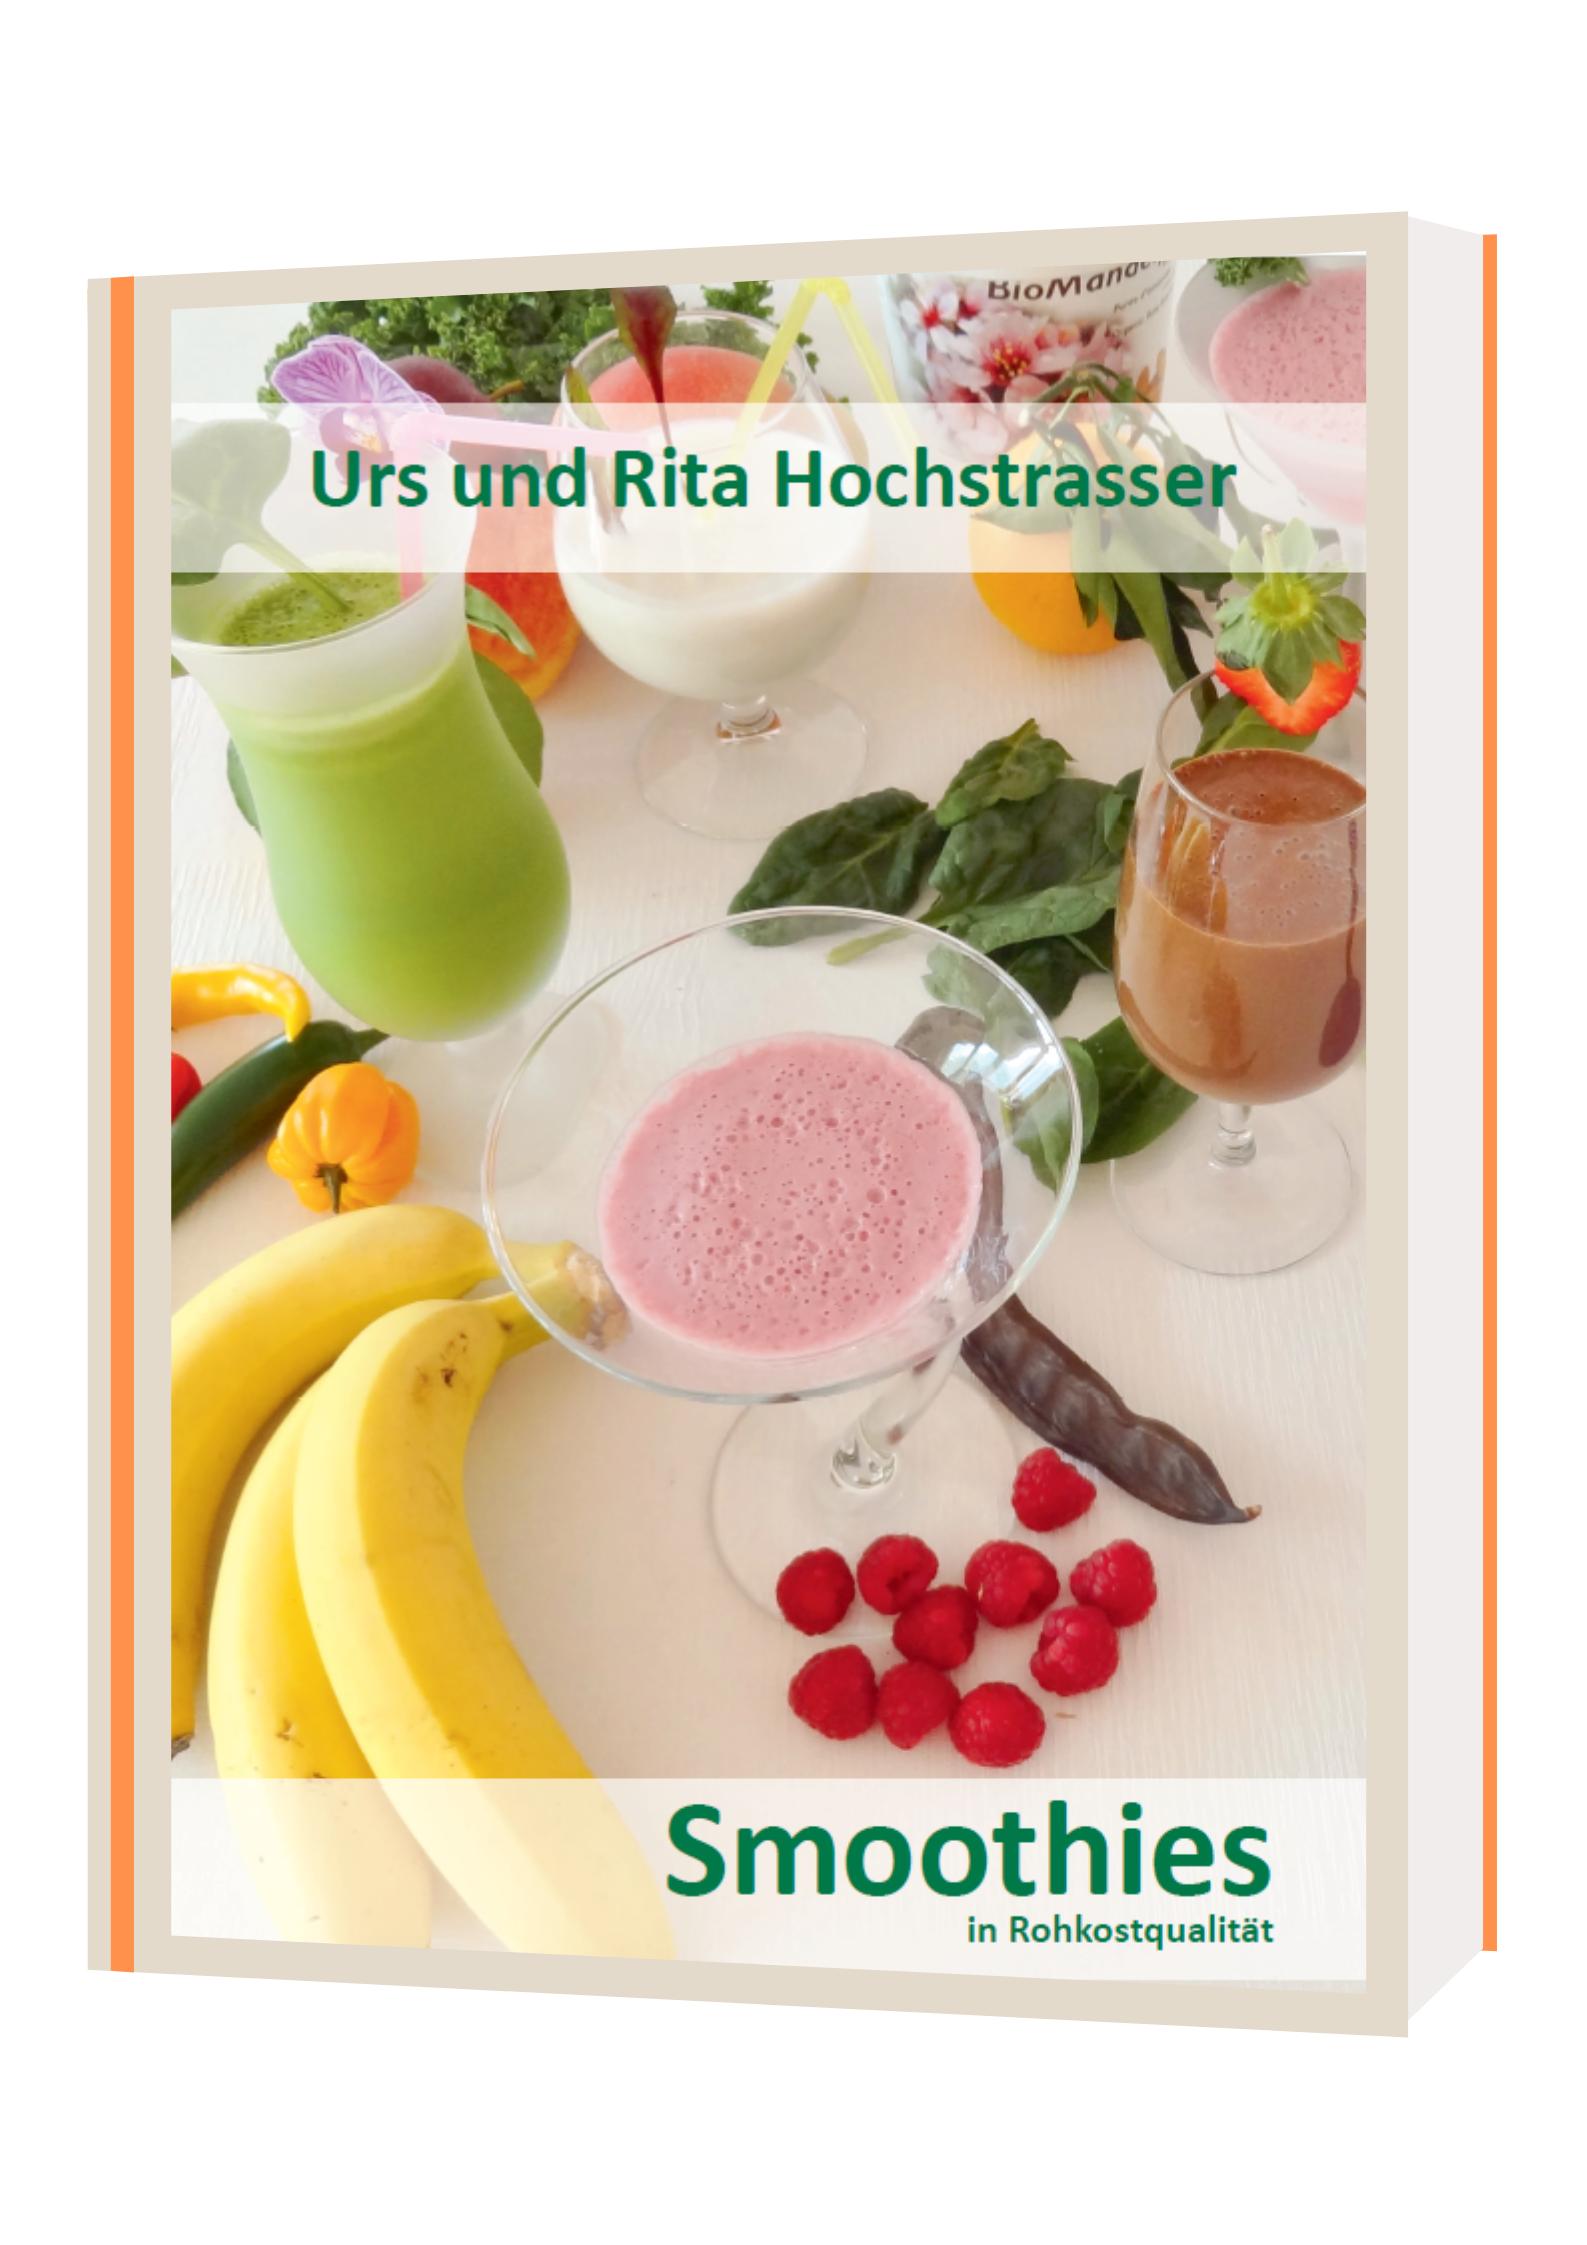 Gratis: E-Book Smoothies vom Feinsten